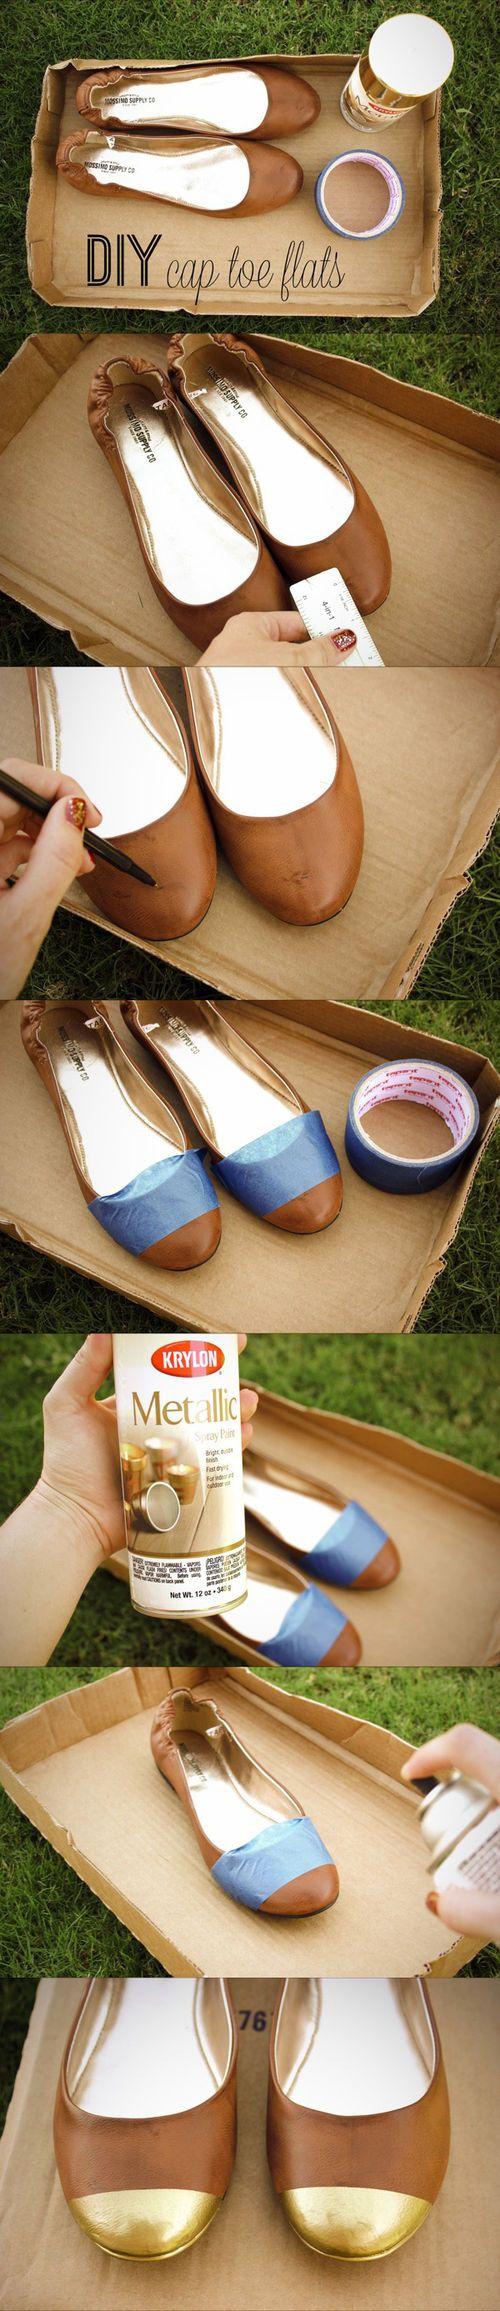 Gør gl sko fine